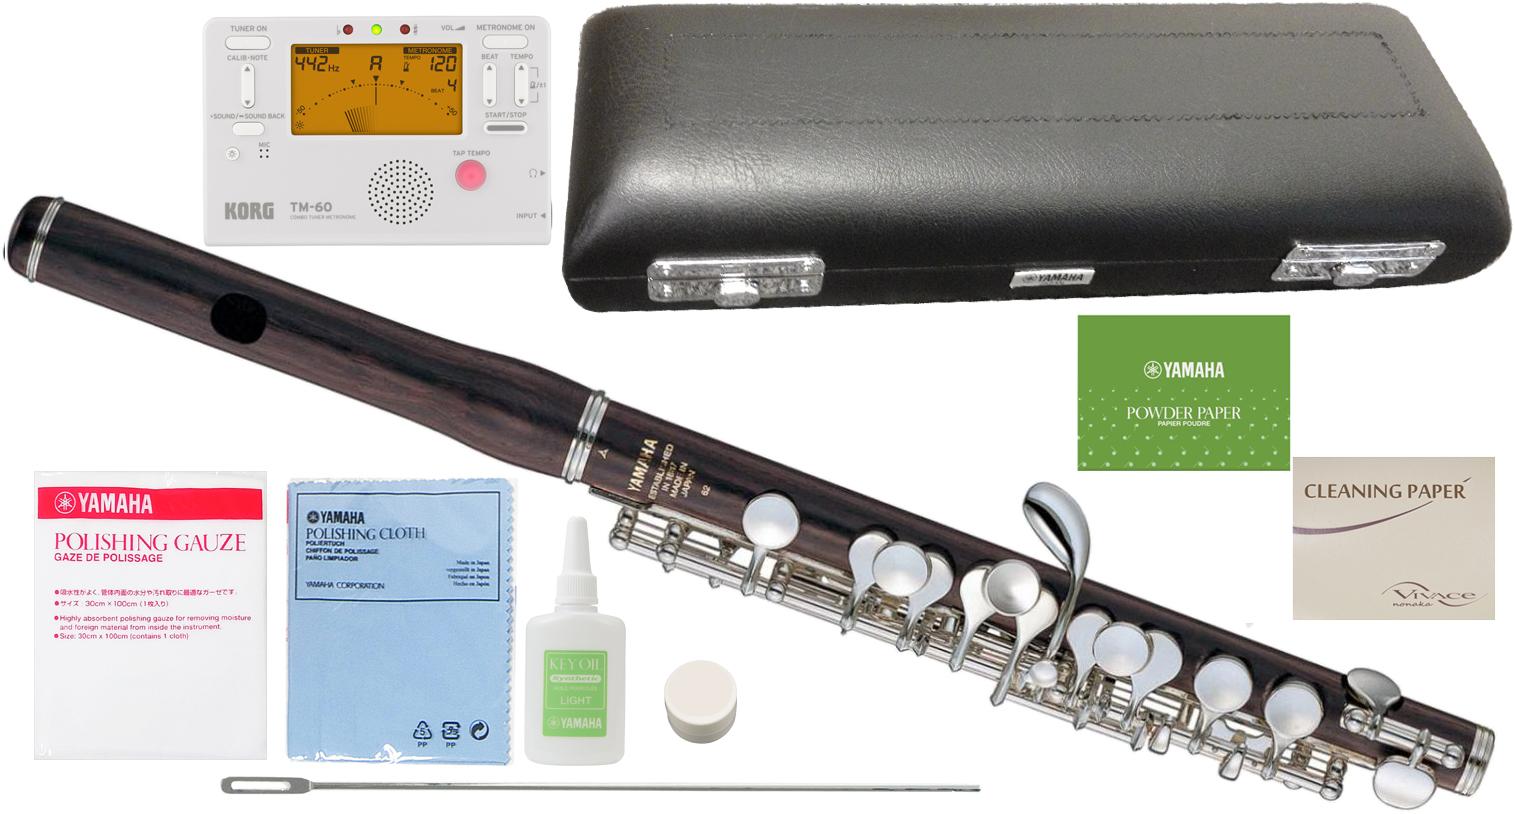 YAMAHA ( ヤマハ ) YPC-62 木製 ピッコロ 新品 管楽器 Eメカニズム付き グラナディラ 頭部管 主管 プロフェッショナルシリーズ piccolo 【 YPC62 セット A 】 送料無料